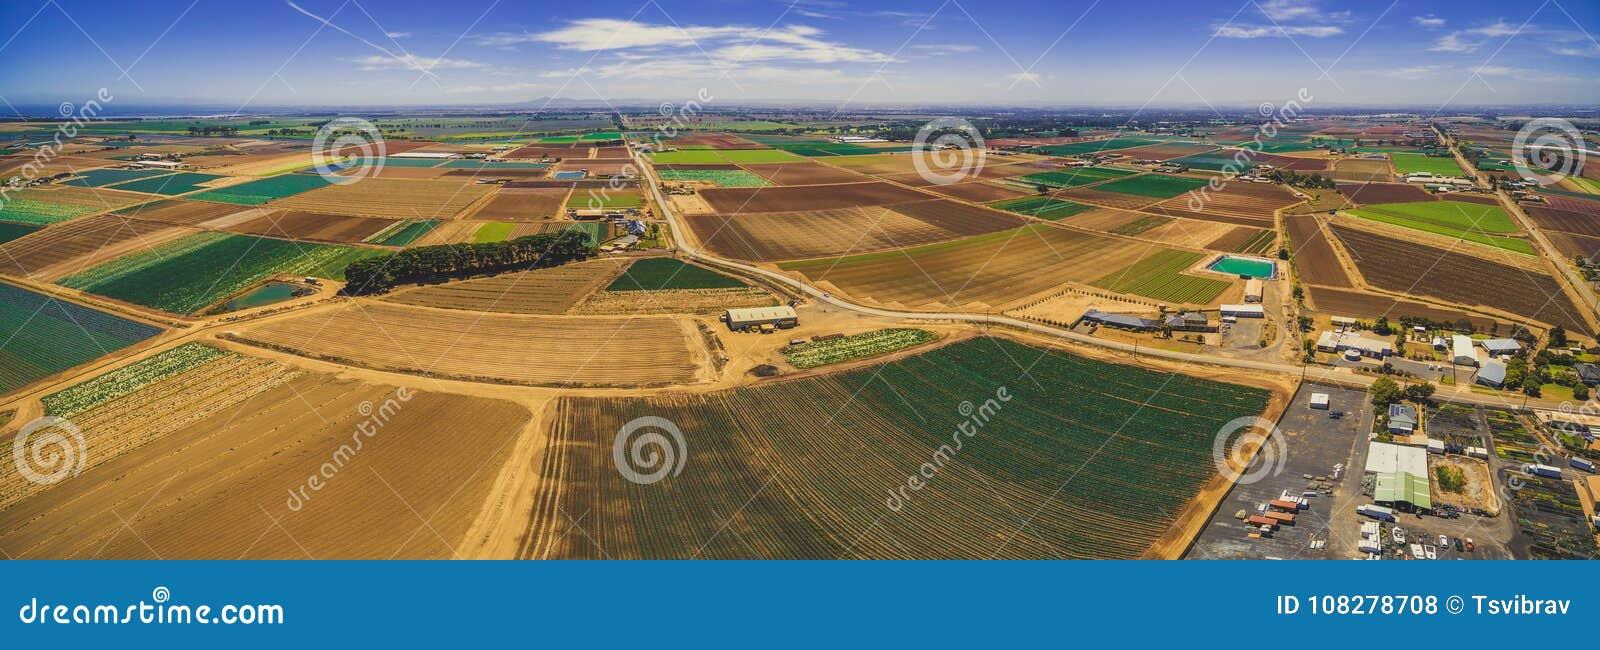 Flyg- panorama av härligt jordbruksområde i Australien